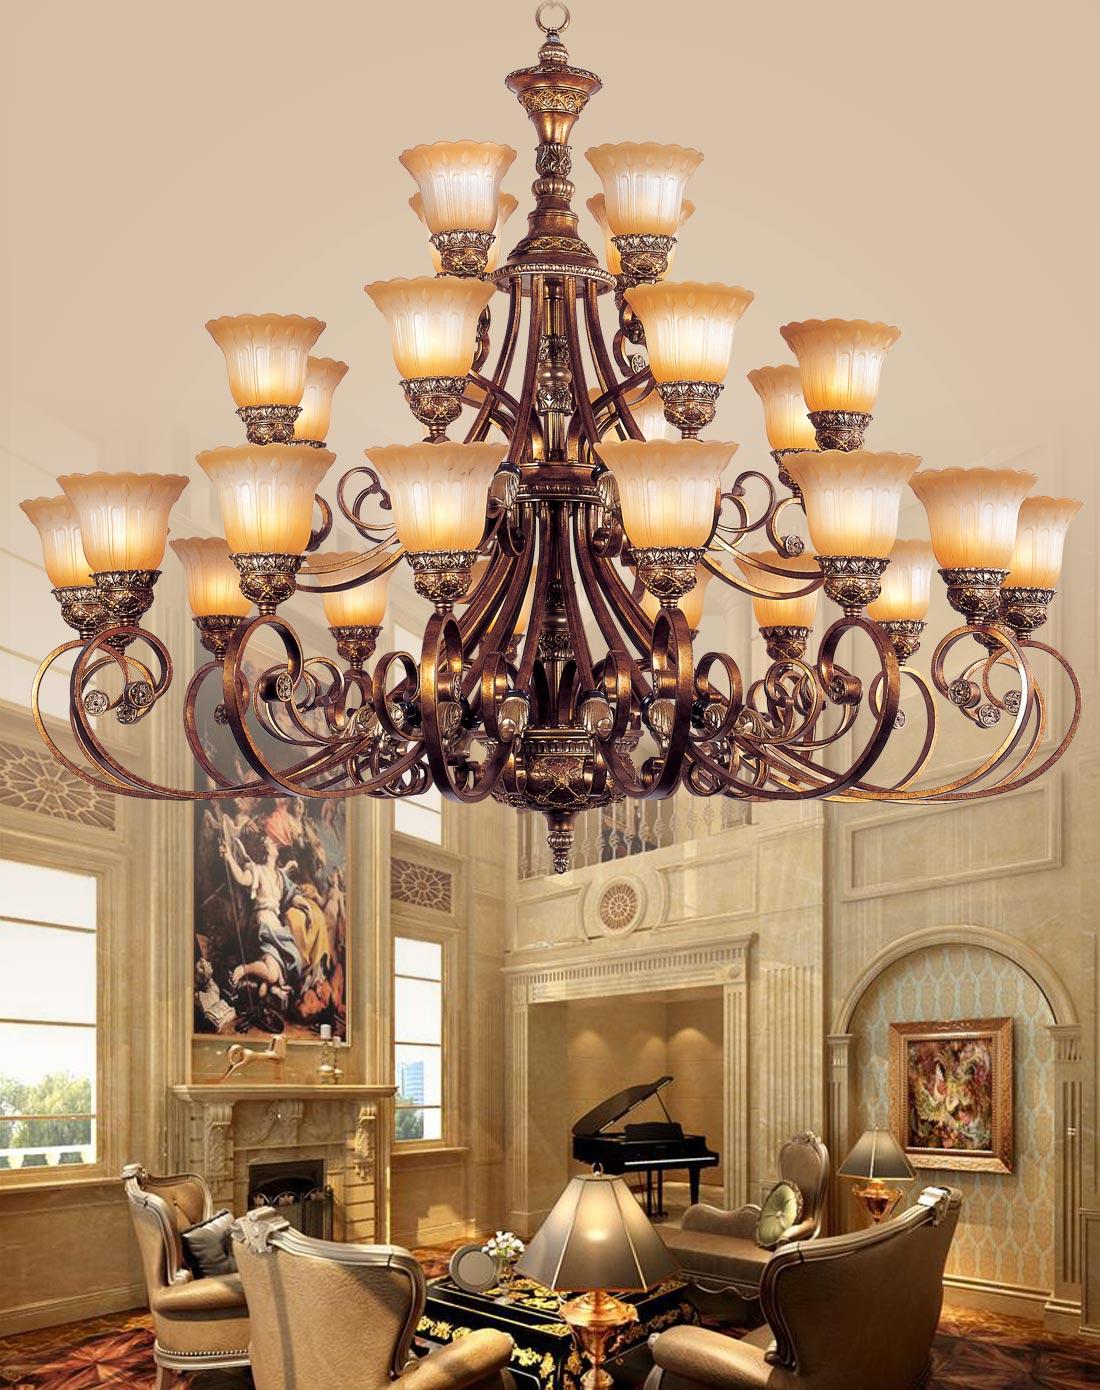 16 8 4欧式吊灯 复古 客厅别墅